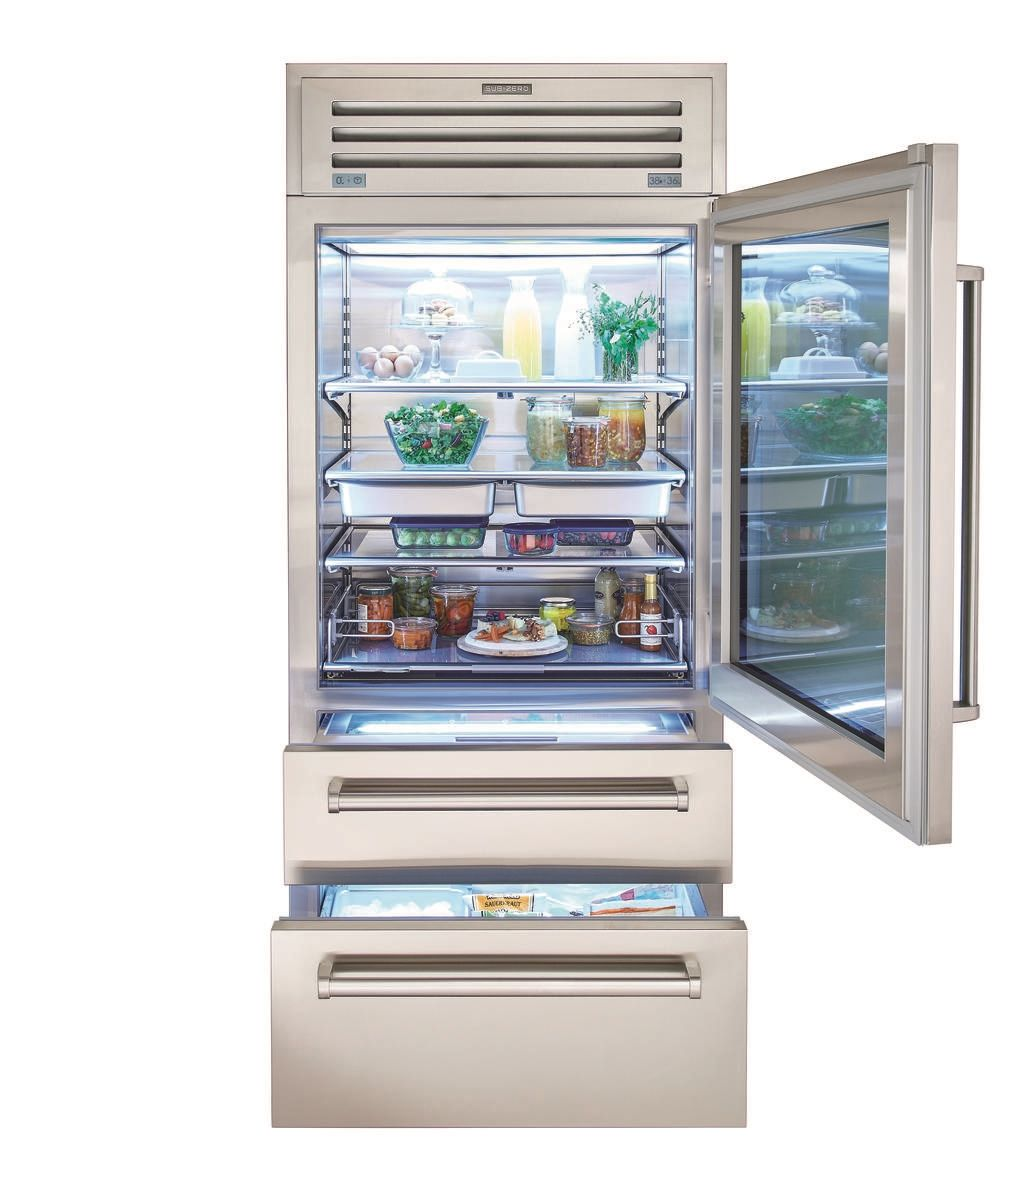 36 Pro Refrigerator Freezer With Glass Door Glass Door